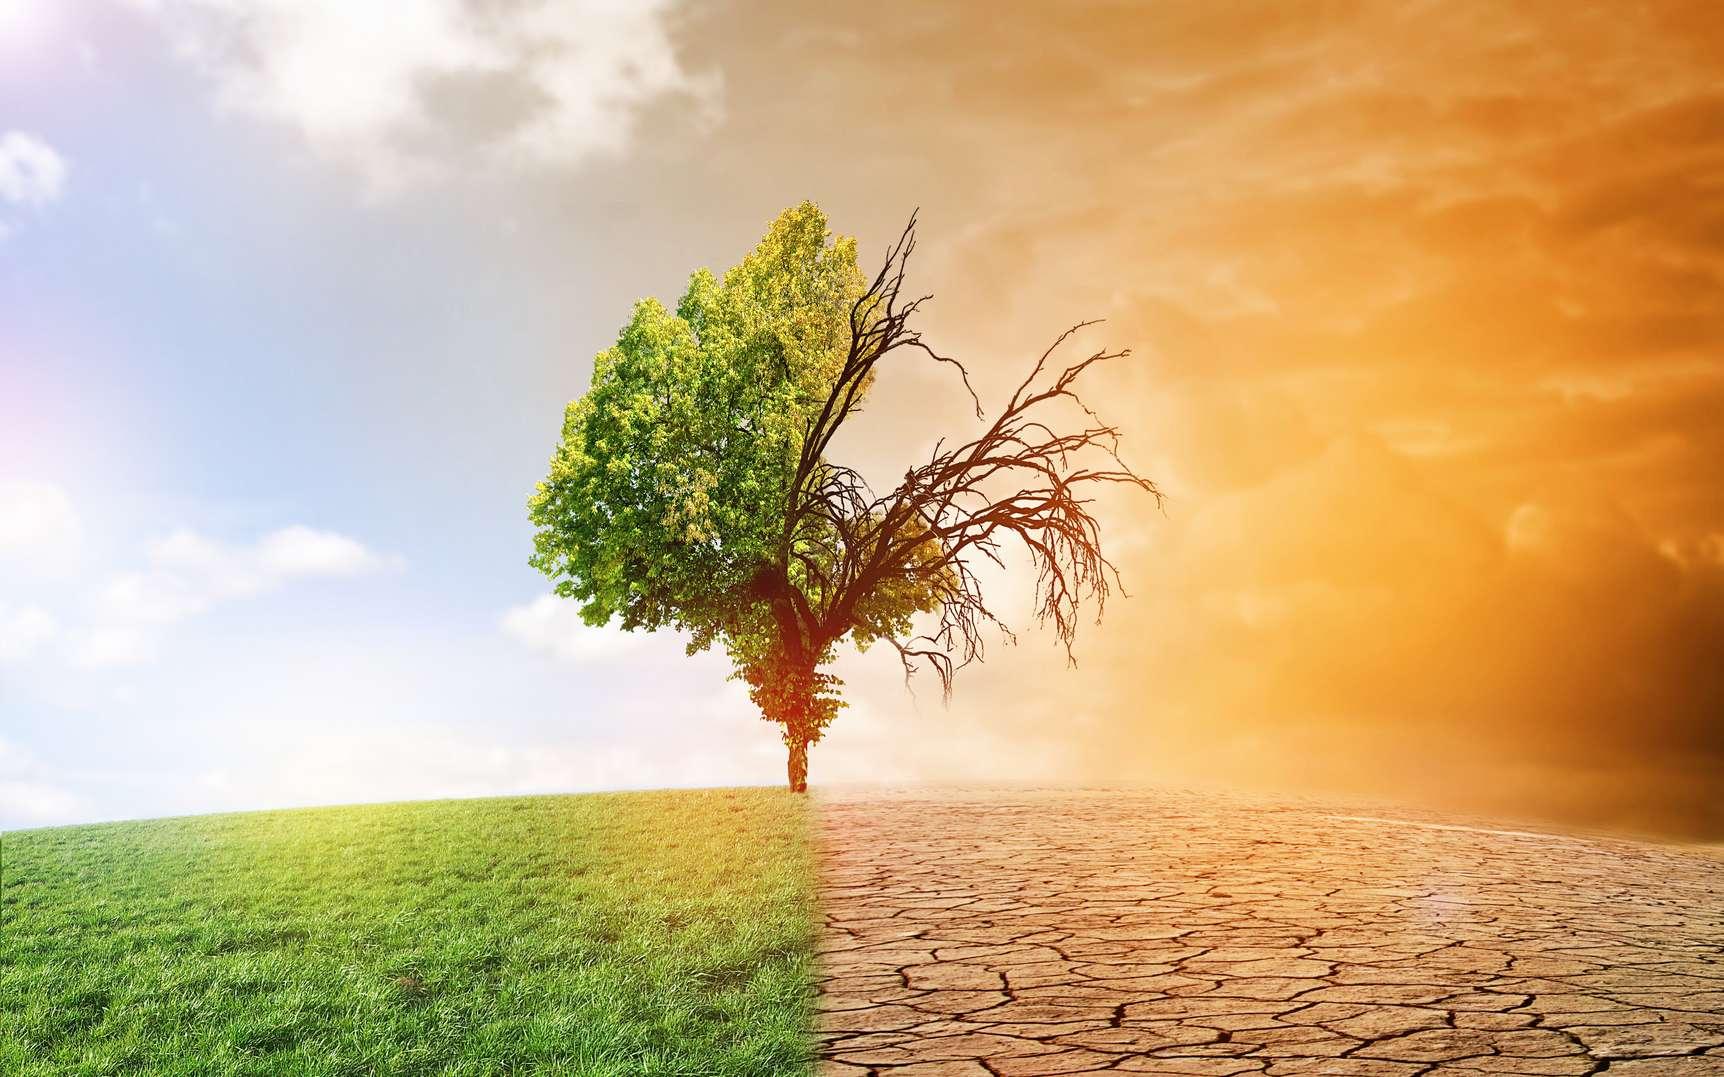 Le Groupe intergouvernemental d'experts sur l'évolution du climat (Giec) est une organisation ouverte à tous les pays membres de l'Onu. Elle synthétise les informations fournies par des laboratoires du monde entier sur les impacts de l'Homme sur le climat, et donc sur la problématique du réchauffement climatique. © jozsitoeroe, fotolia